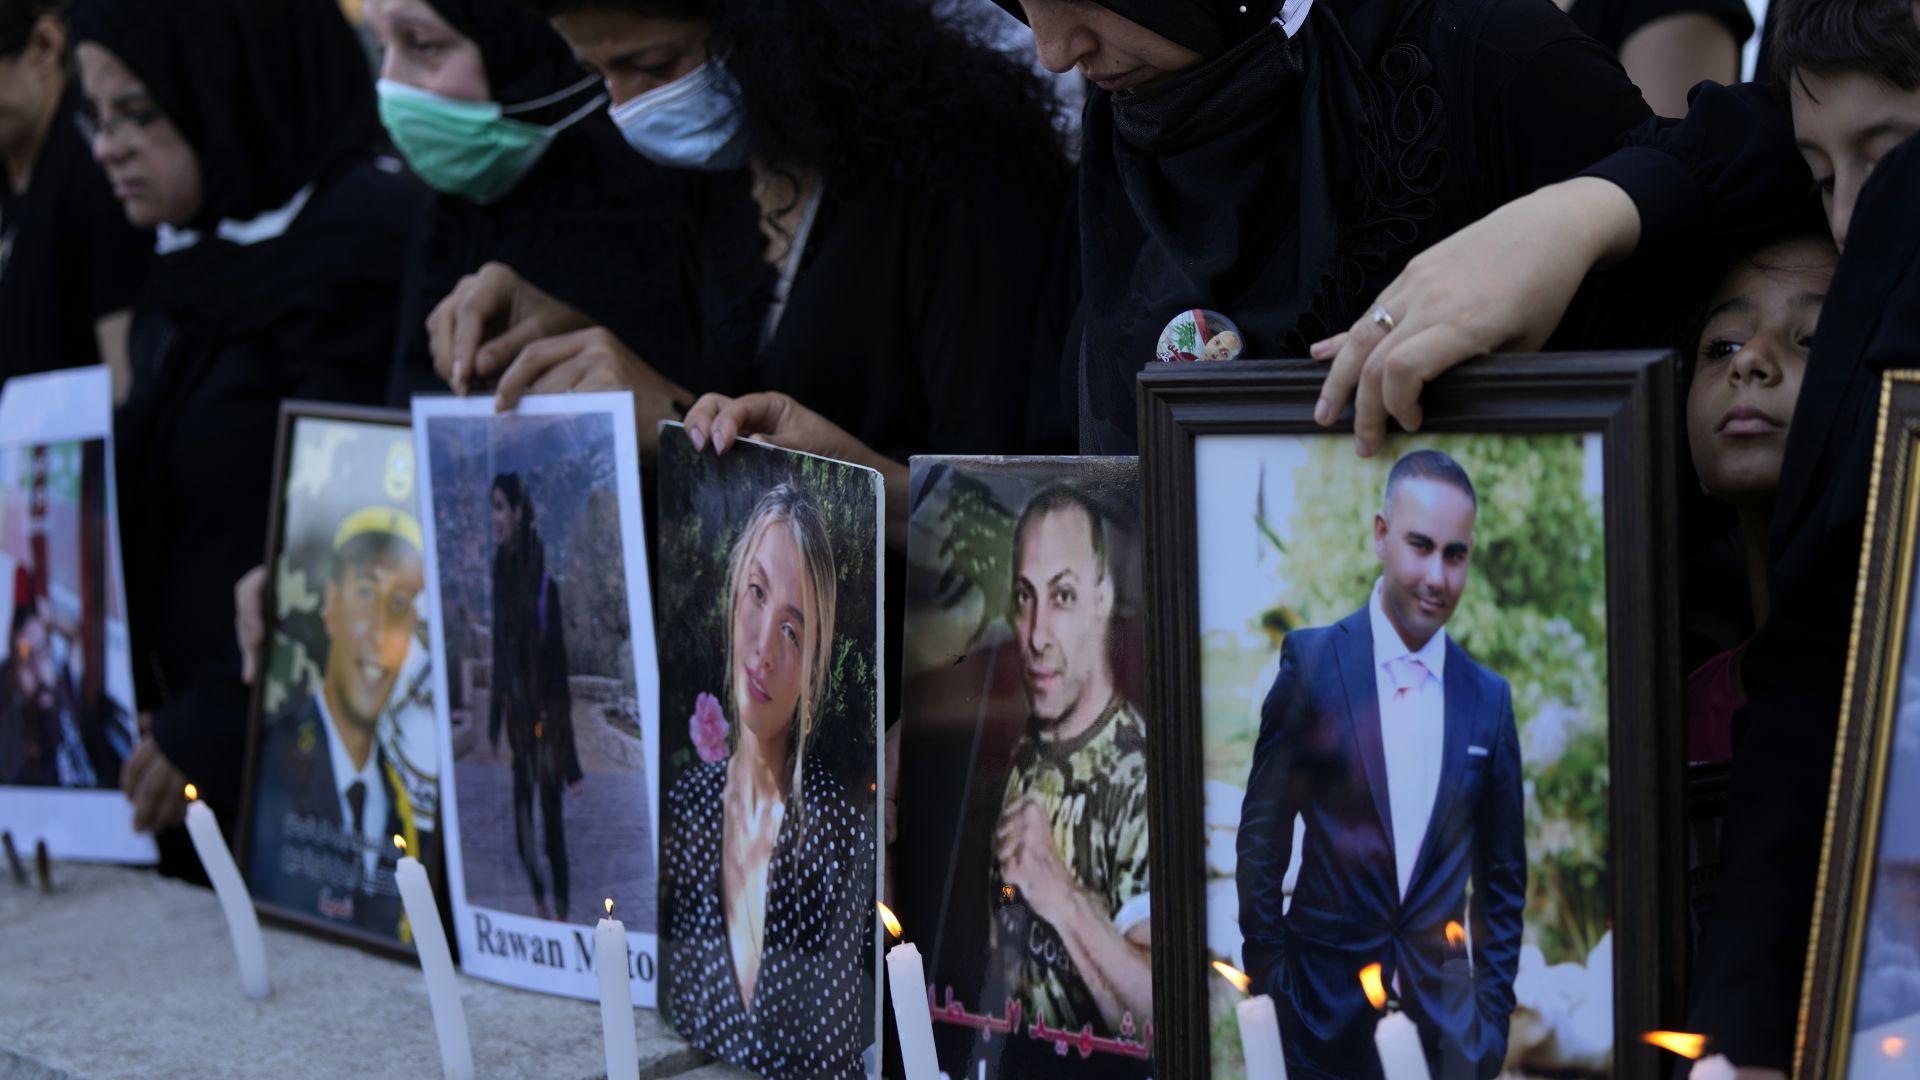 Година след взрива, роднини на загиналите настояват за присъди